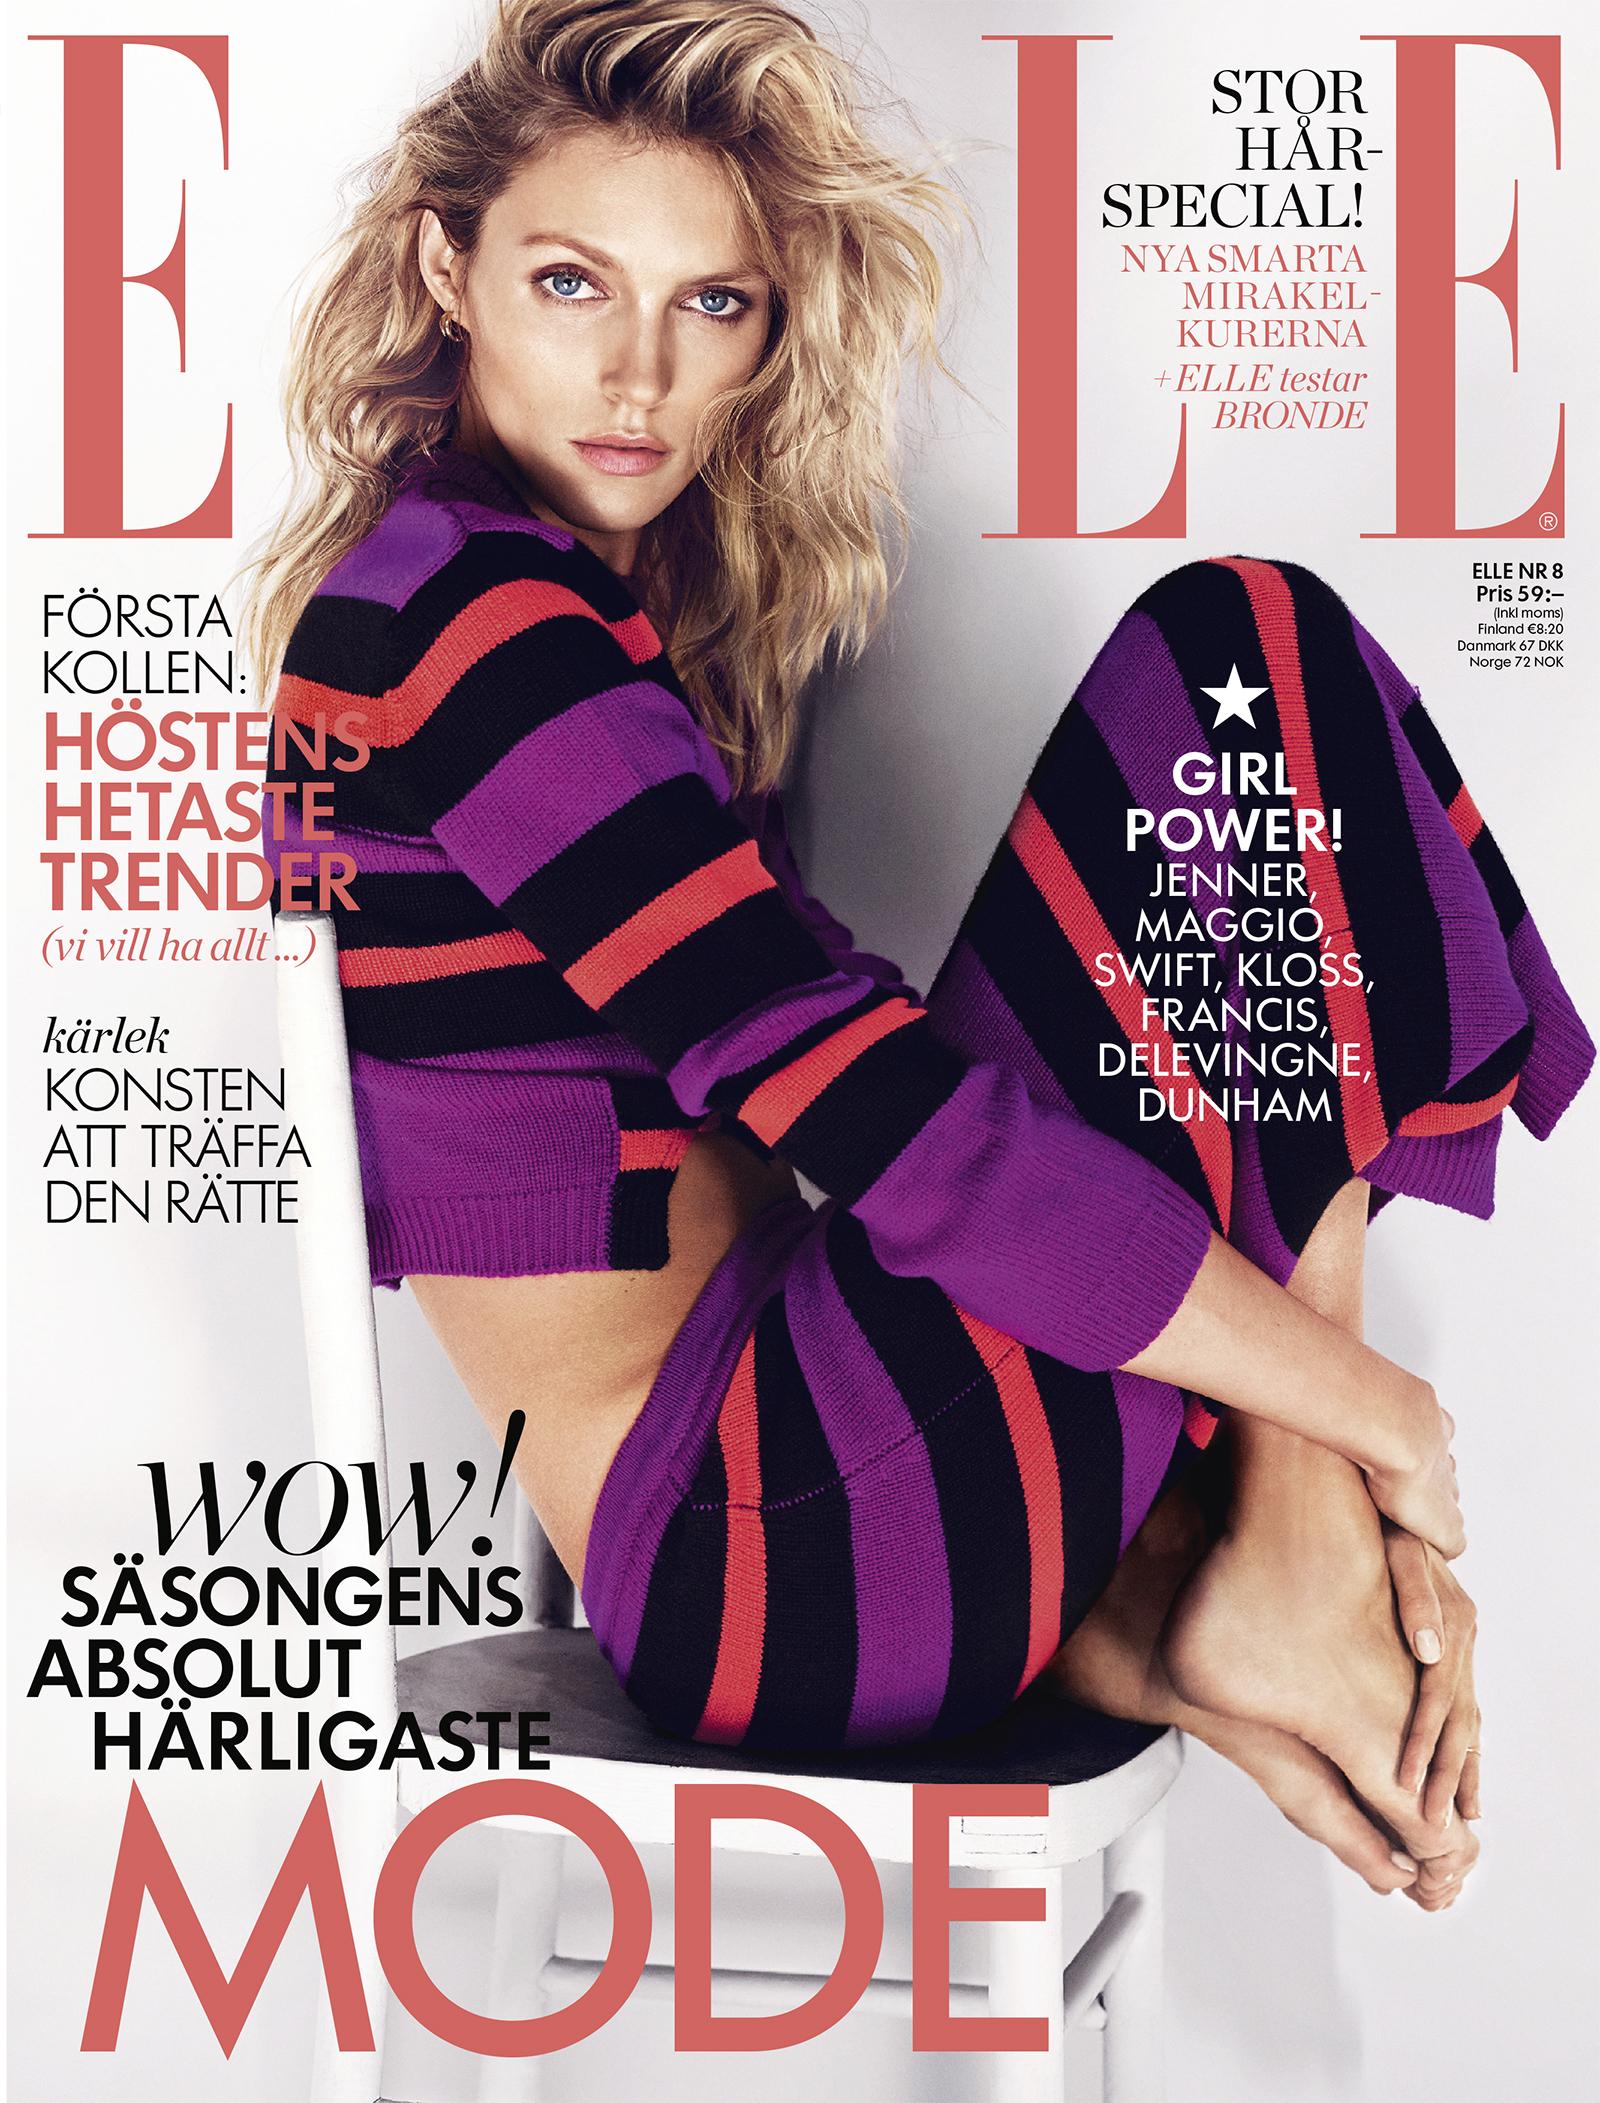 Missa inte ELLEs augustinummer u2013 Elle Decoration på köpet! ELLE